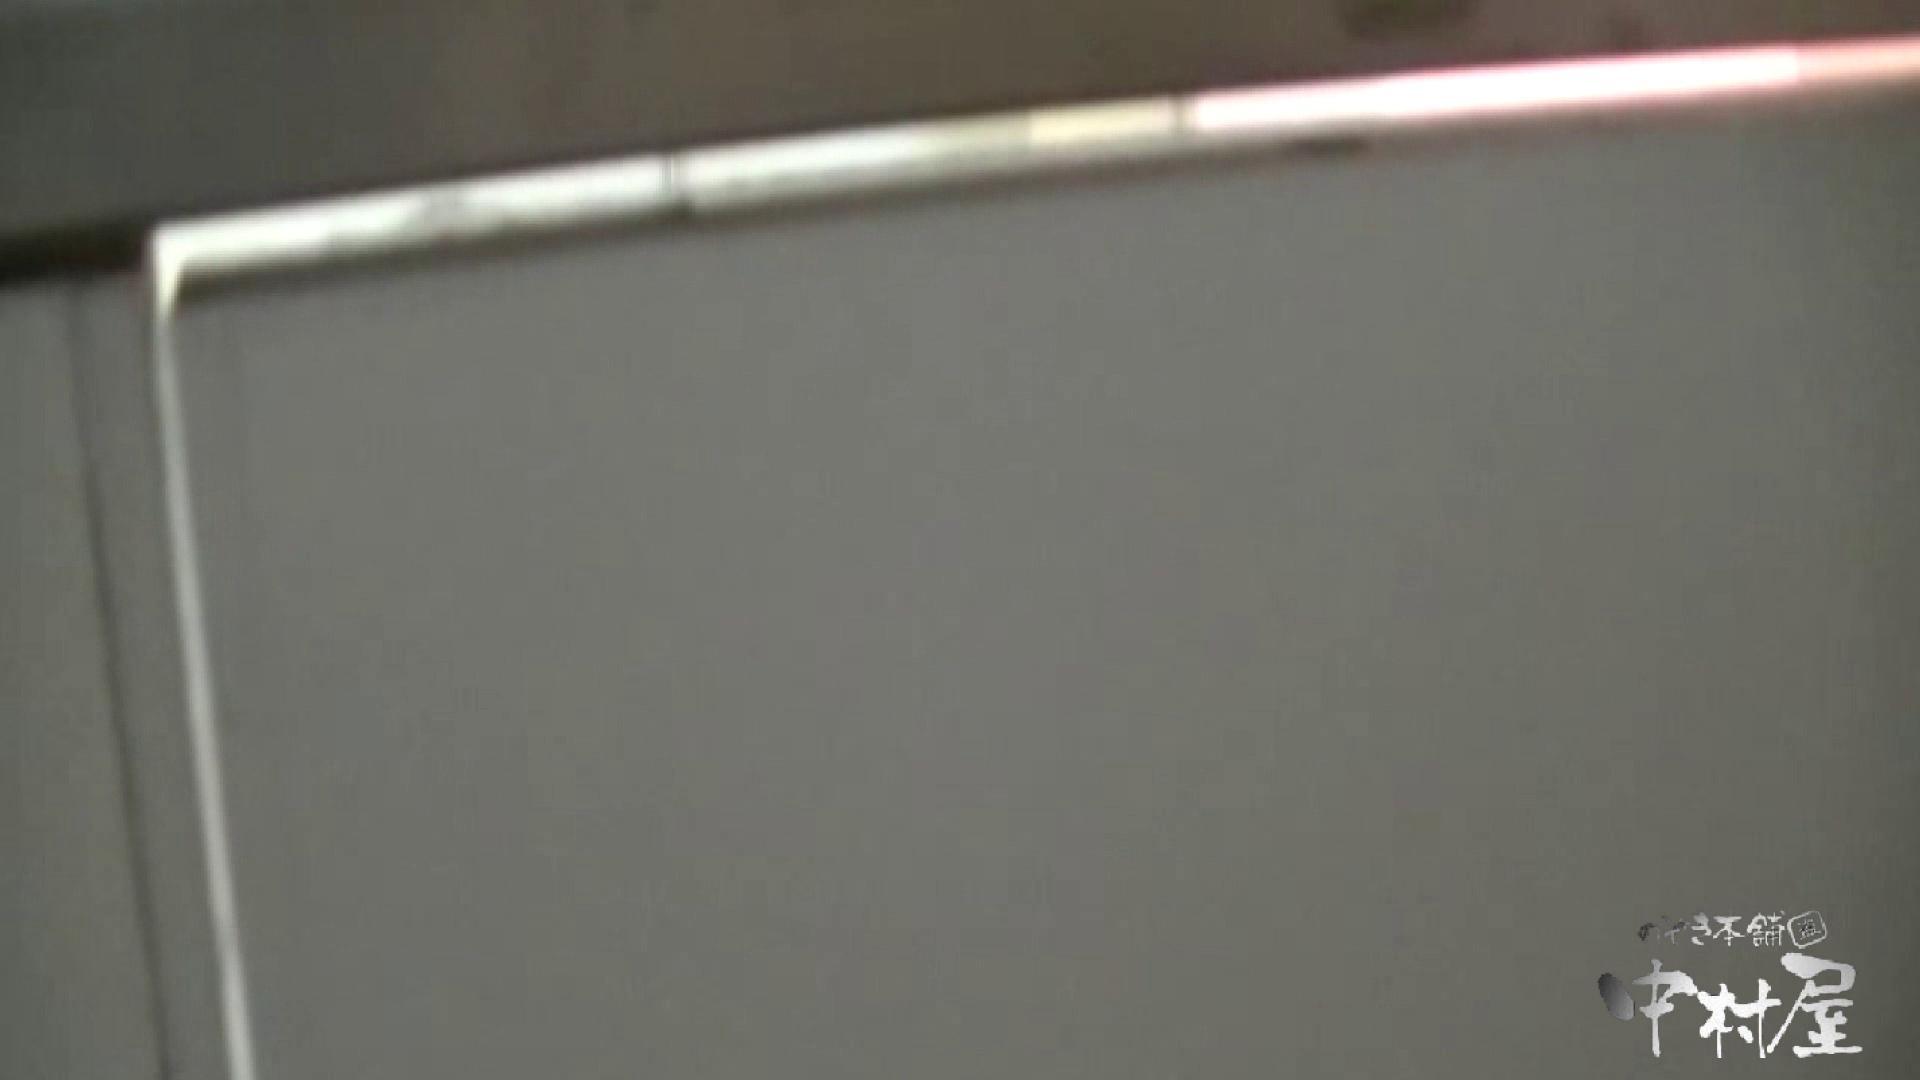 始動します‼雅さんの独断と偏見で集めたVIP限定 動画集Vol.2 期間限定   HなOL  90pic 20